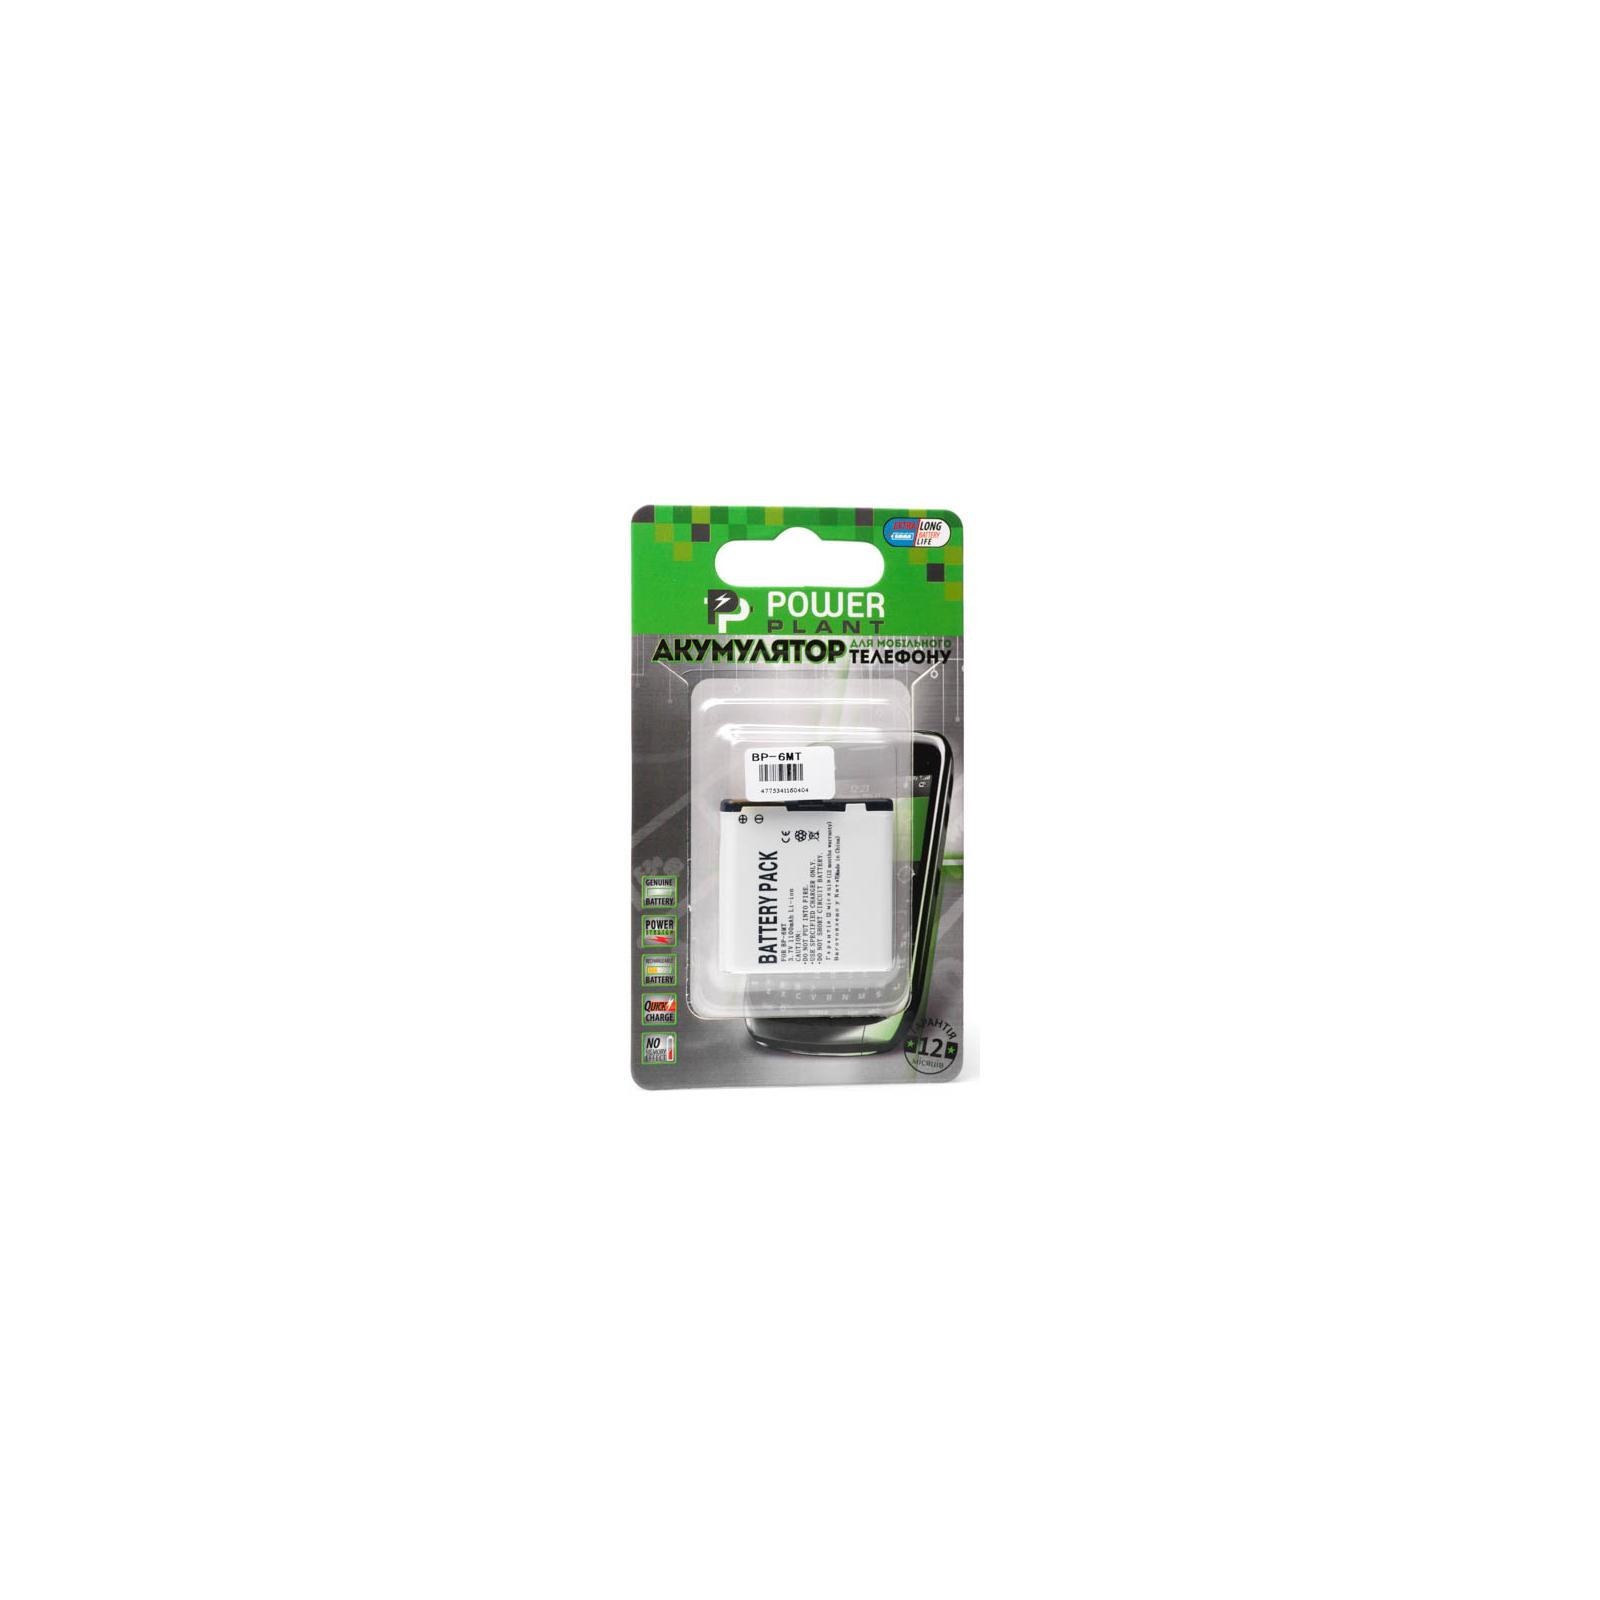 Аккумуляторная батарея PowerPlant Nokia BP-6MT (6720, E5, N81, N82) (DV00DV6040) изображение 2